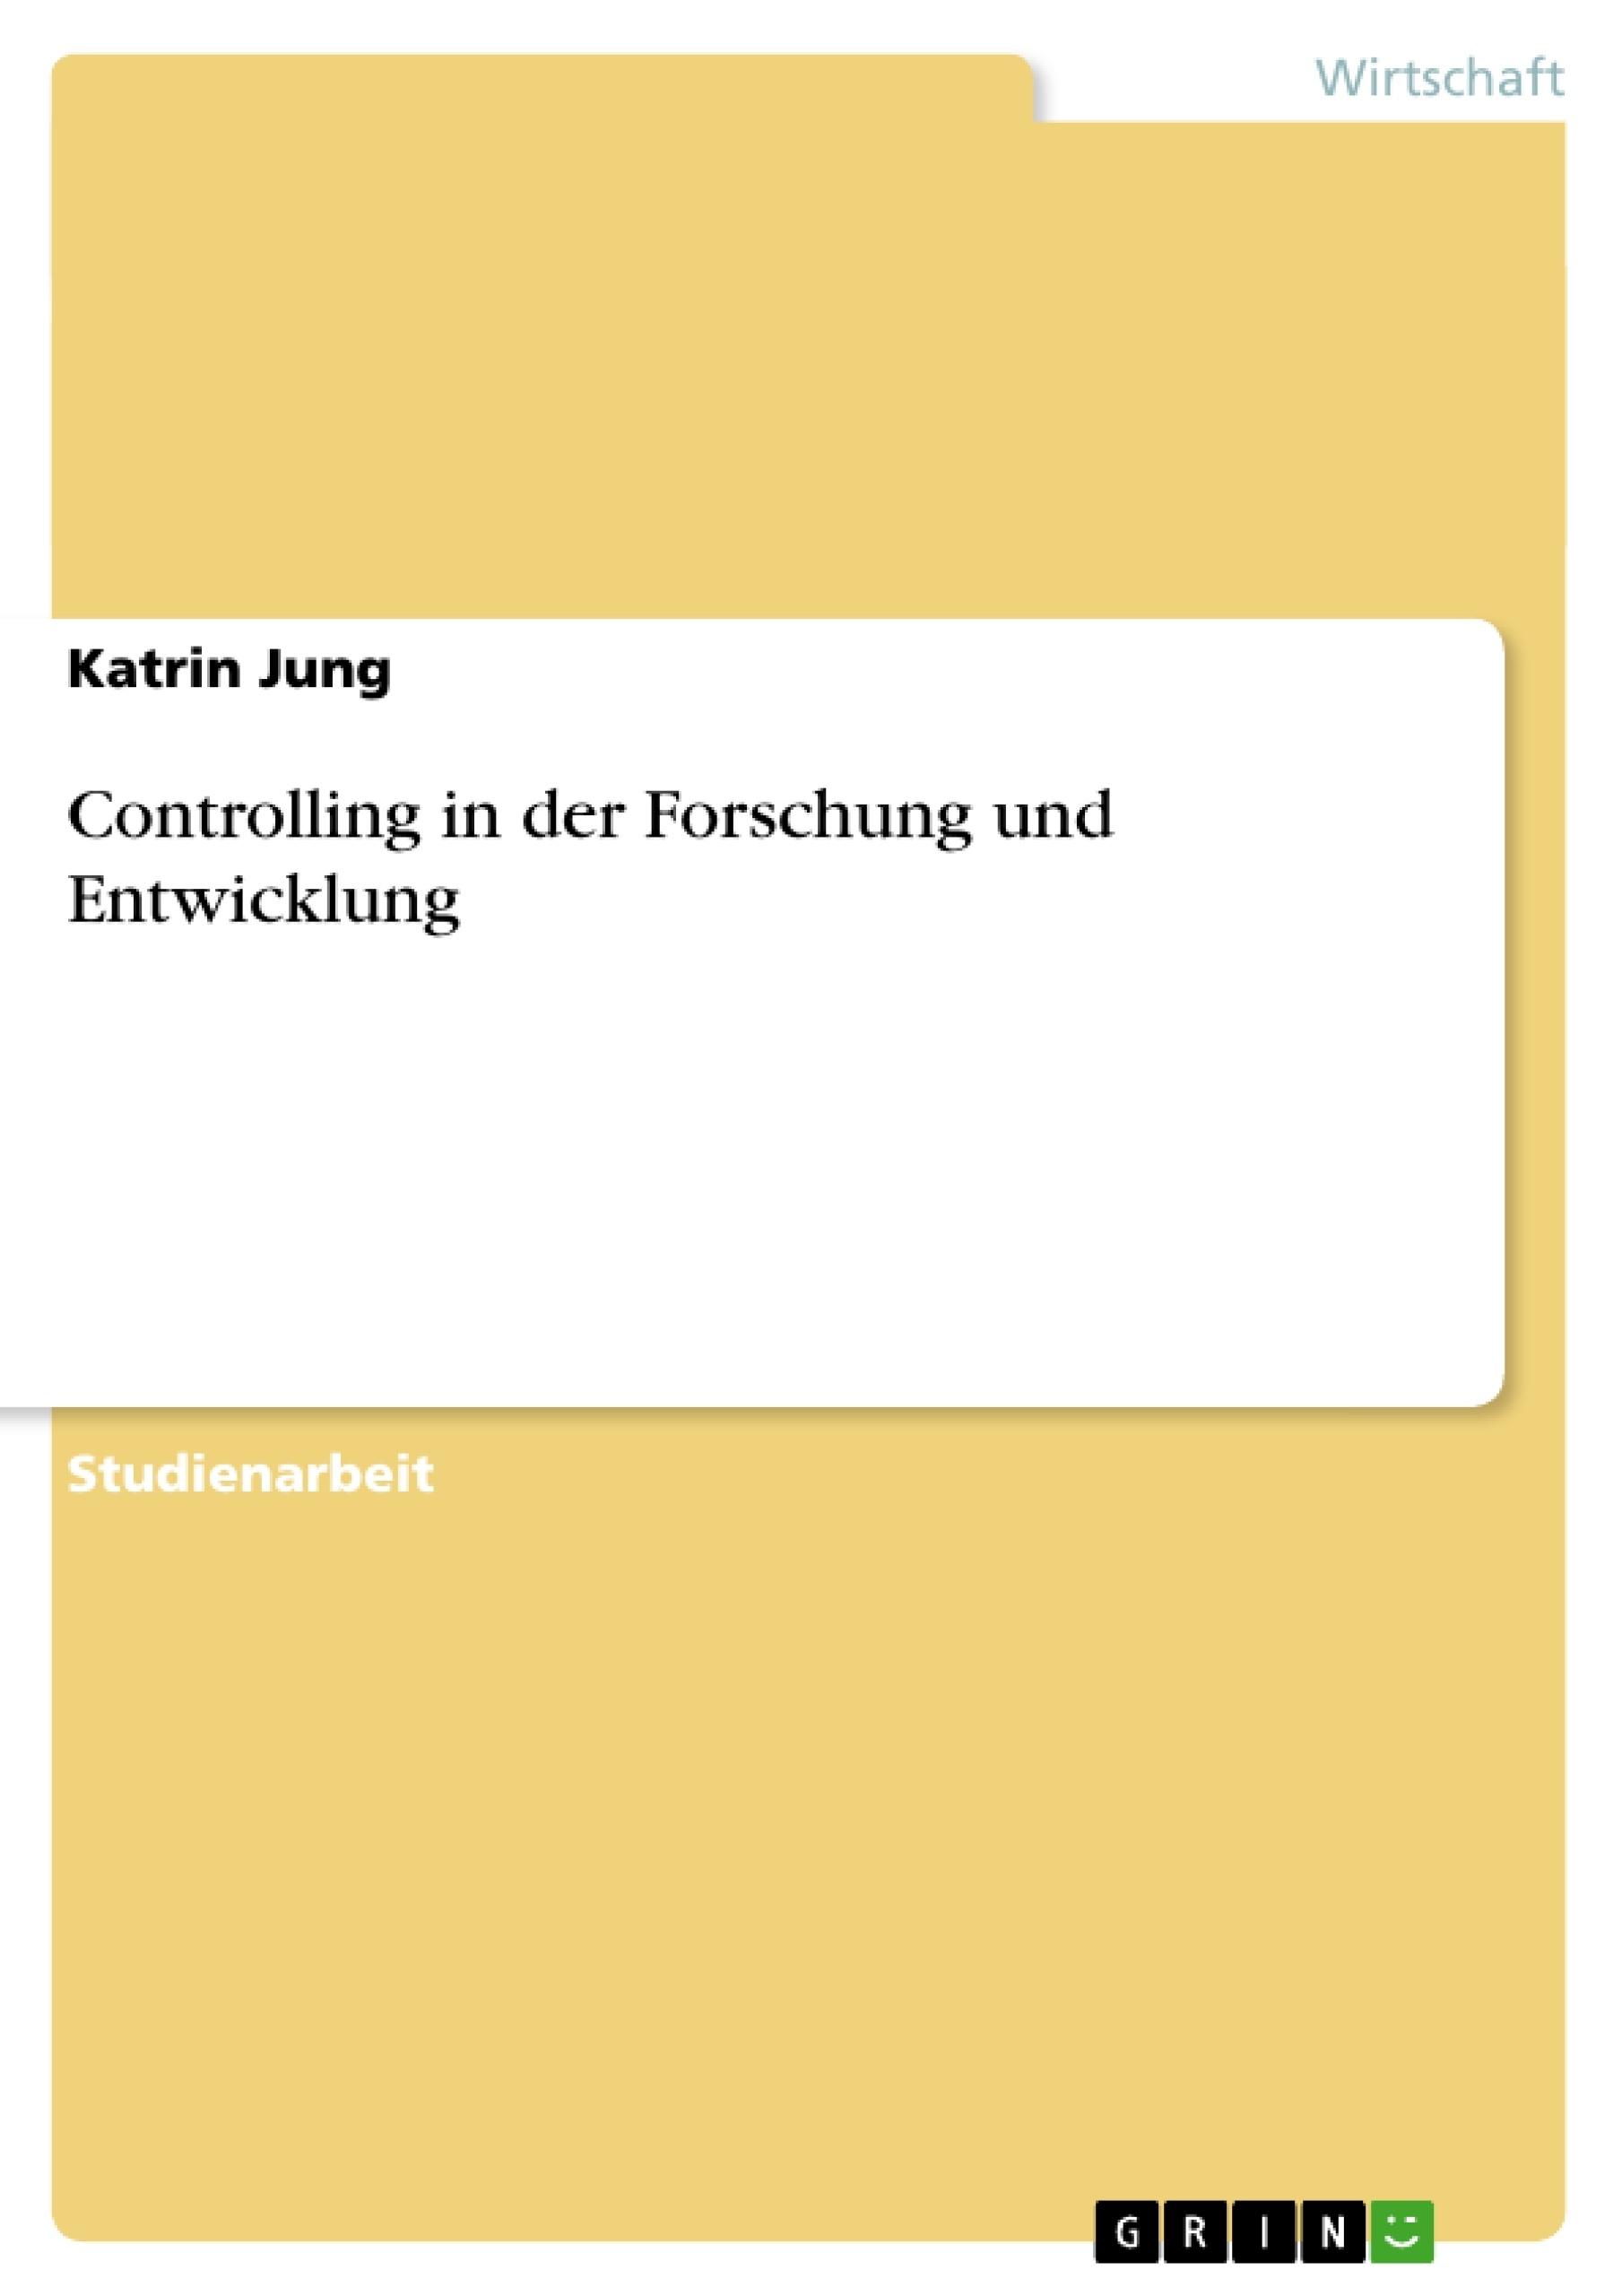 Titel: Controlling in der Forschung und Entwicklung